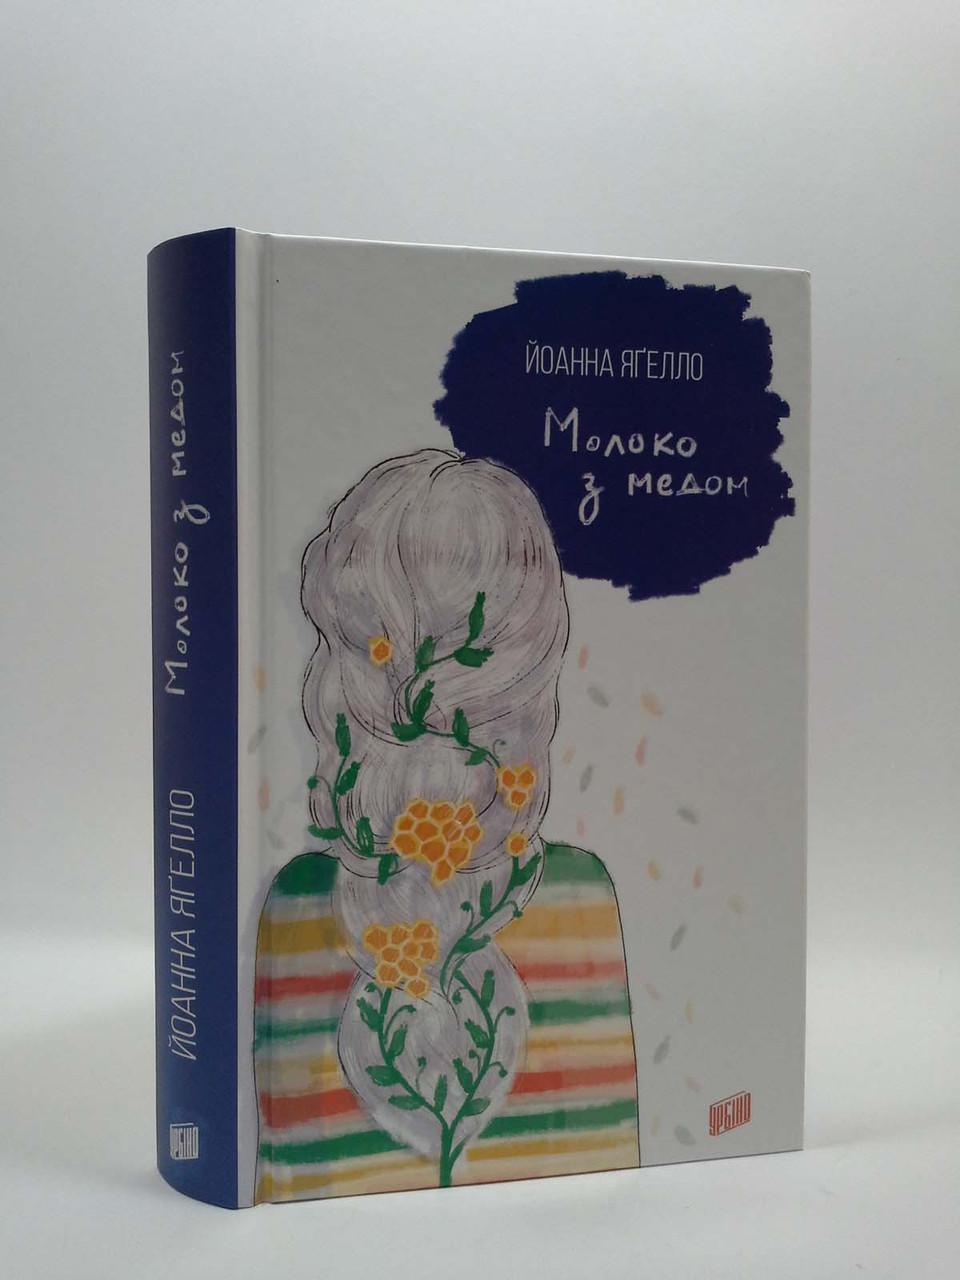 Урбіно Ягелло Книга 4 Молоко з медом - фото 1